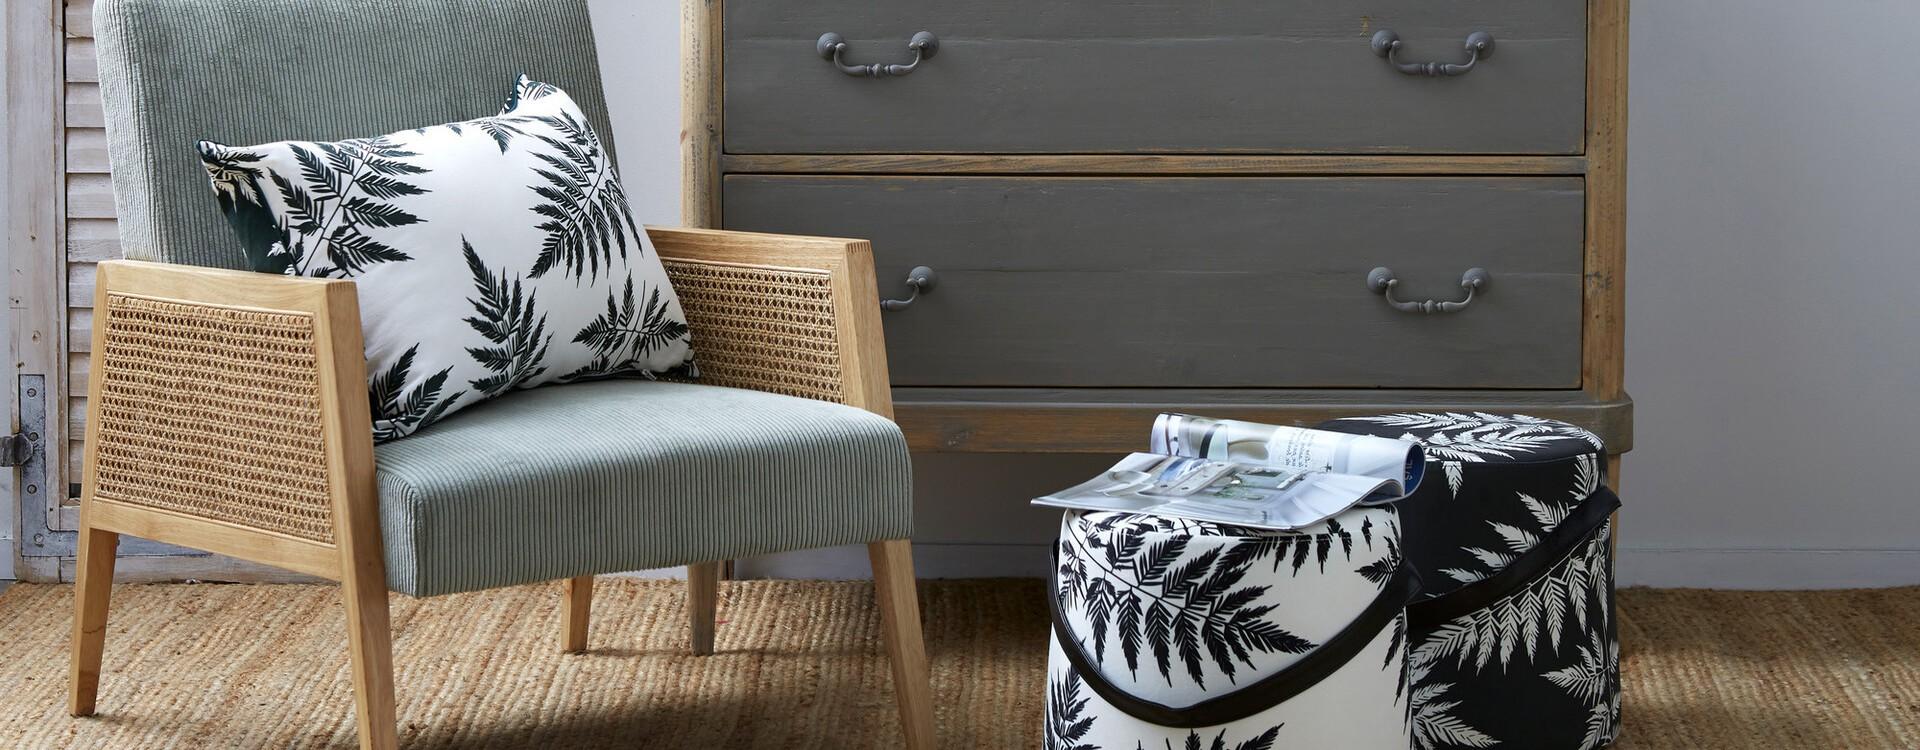 Tendance : relooker son intérieur avec des coussins décoratifs